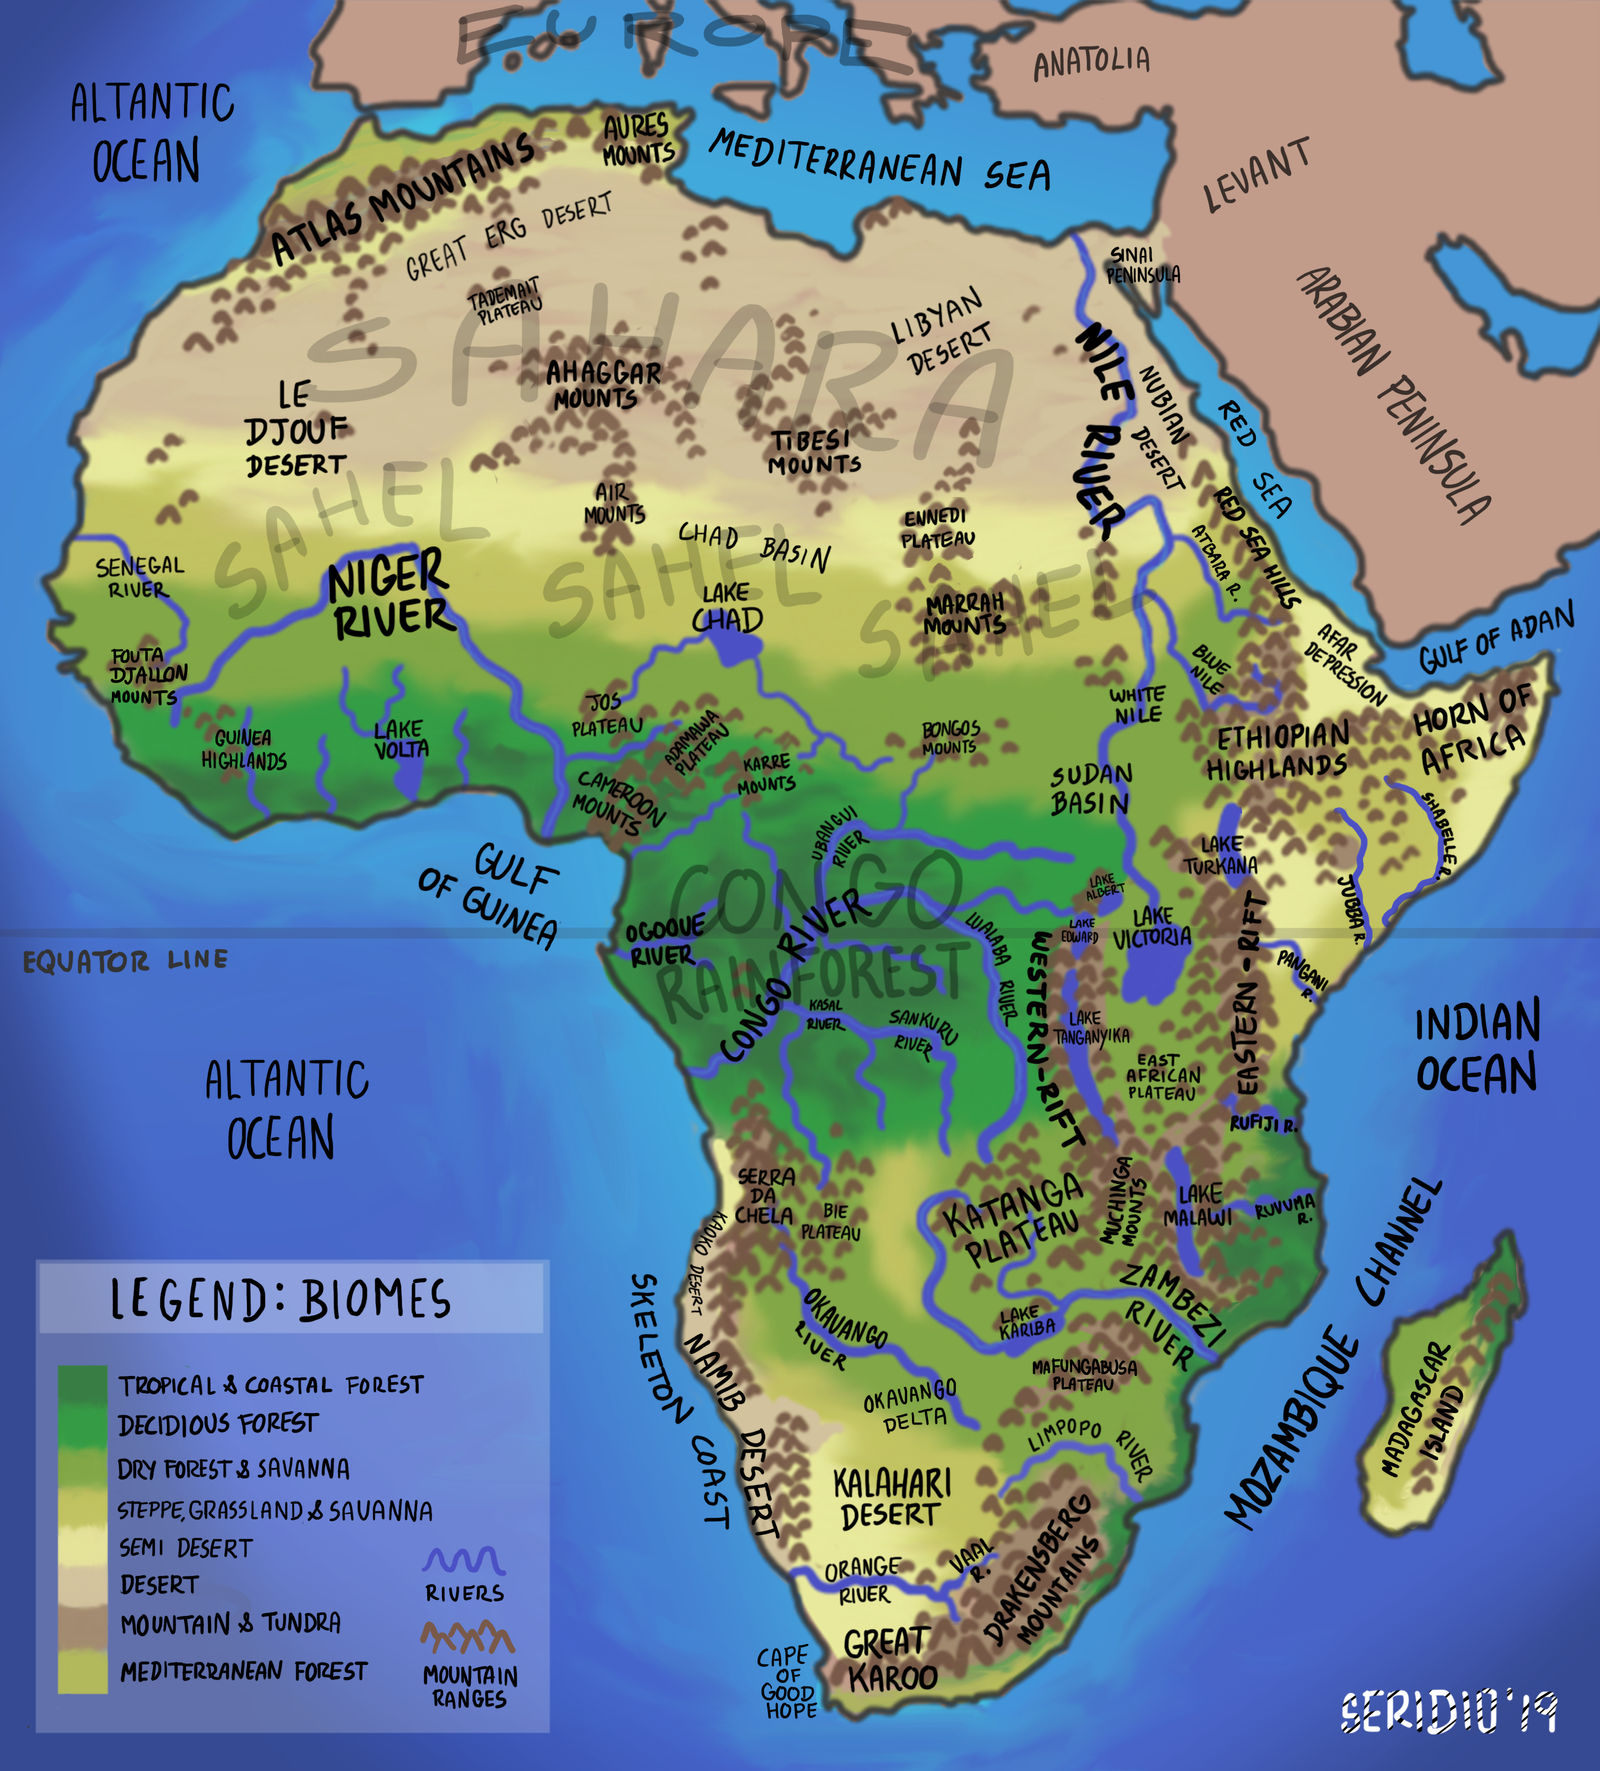 Africa Geographic Map Africa Geographic Map by seridio red on DeviantArt